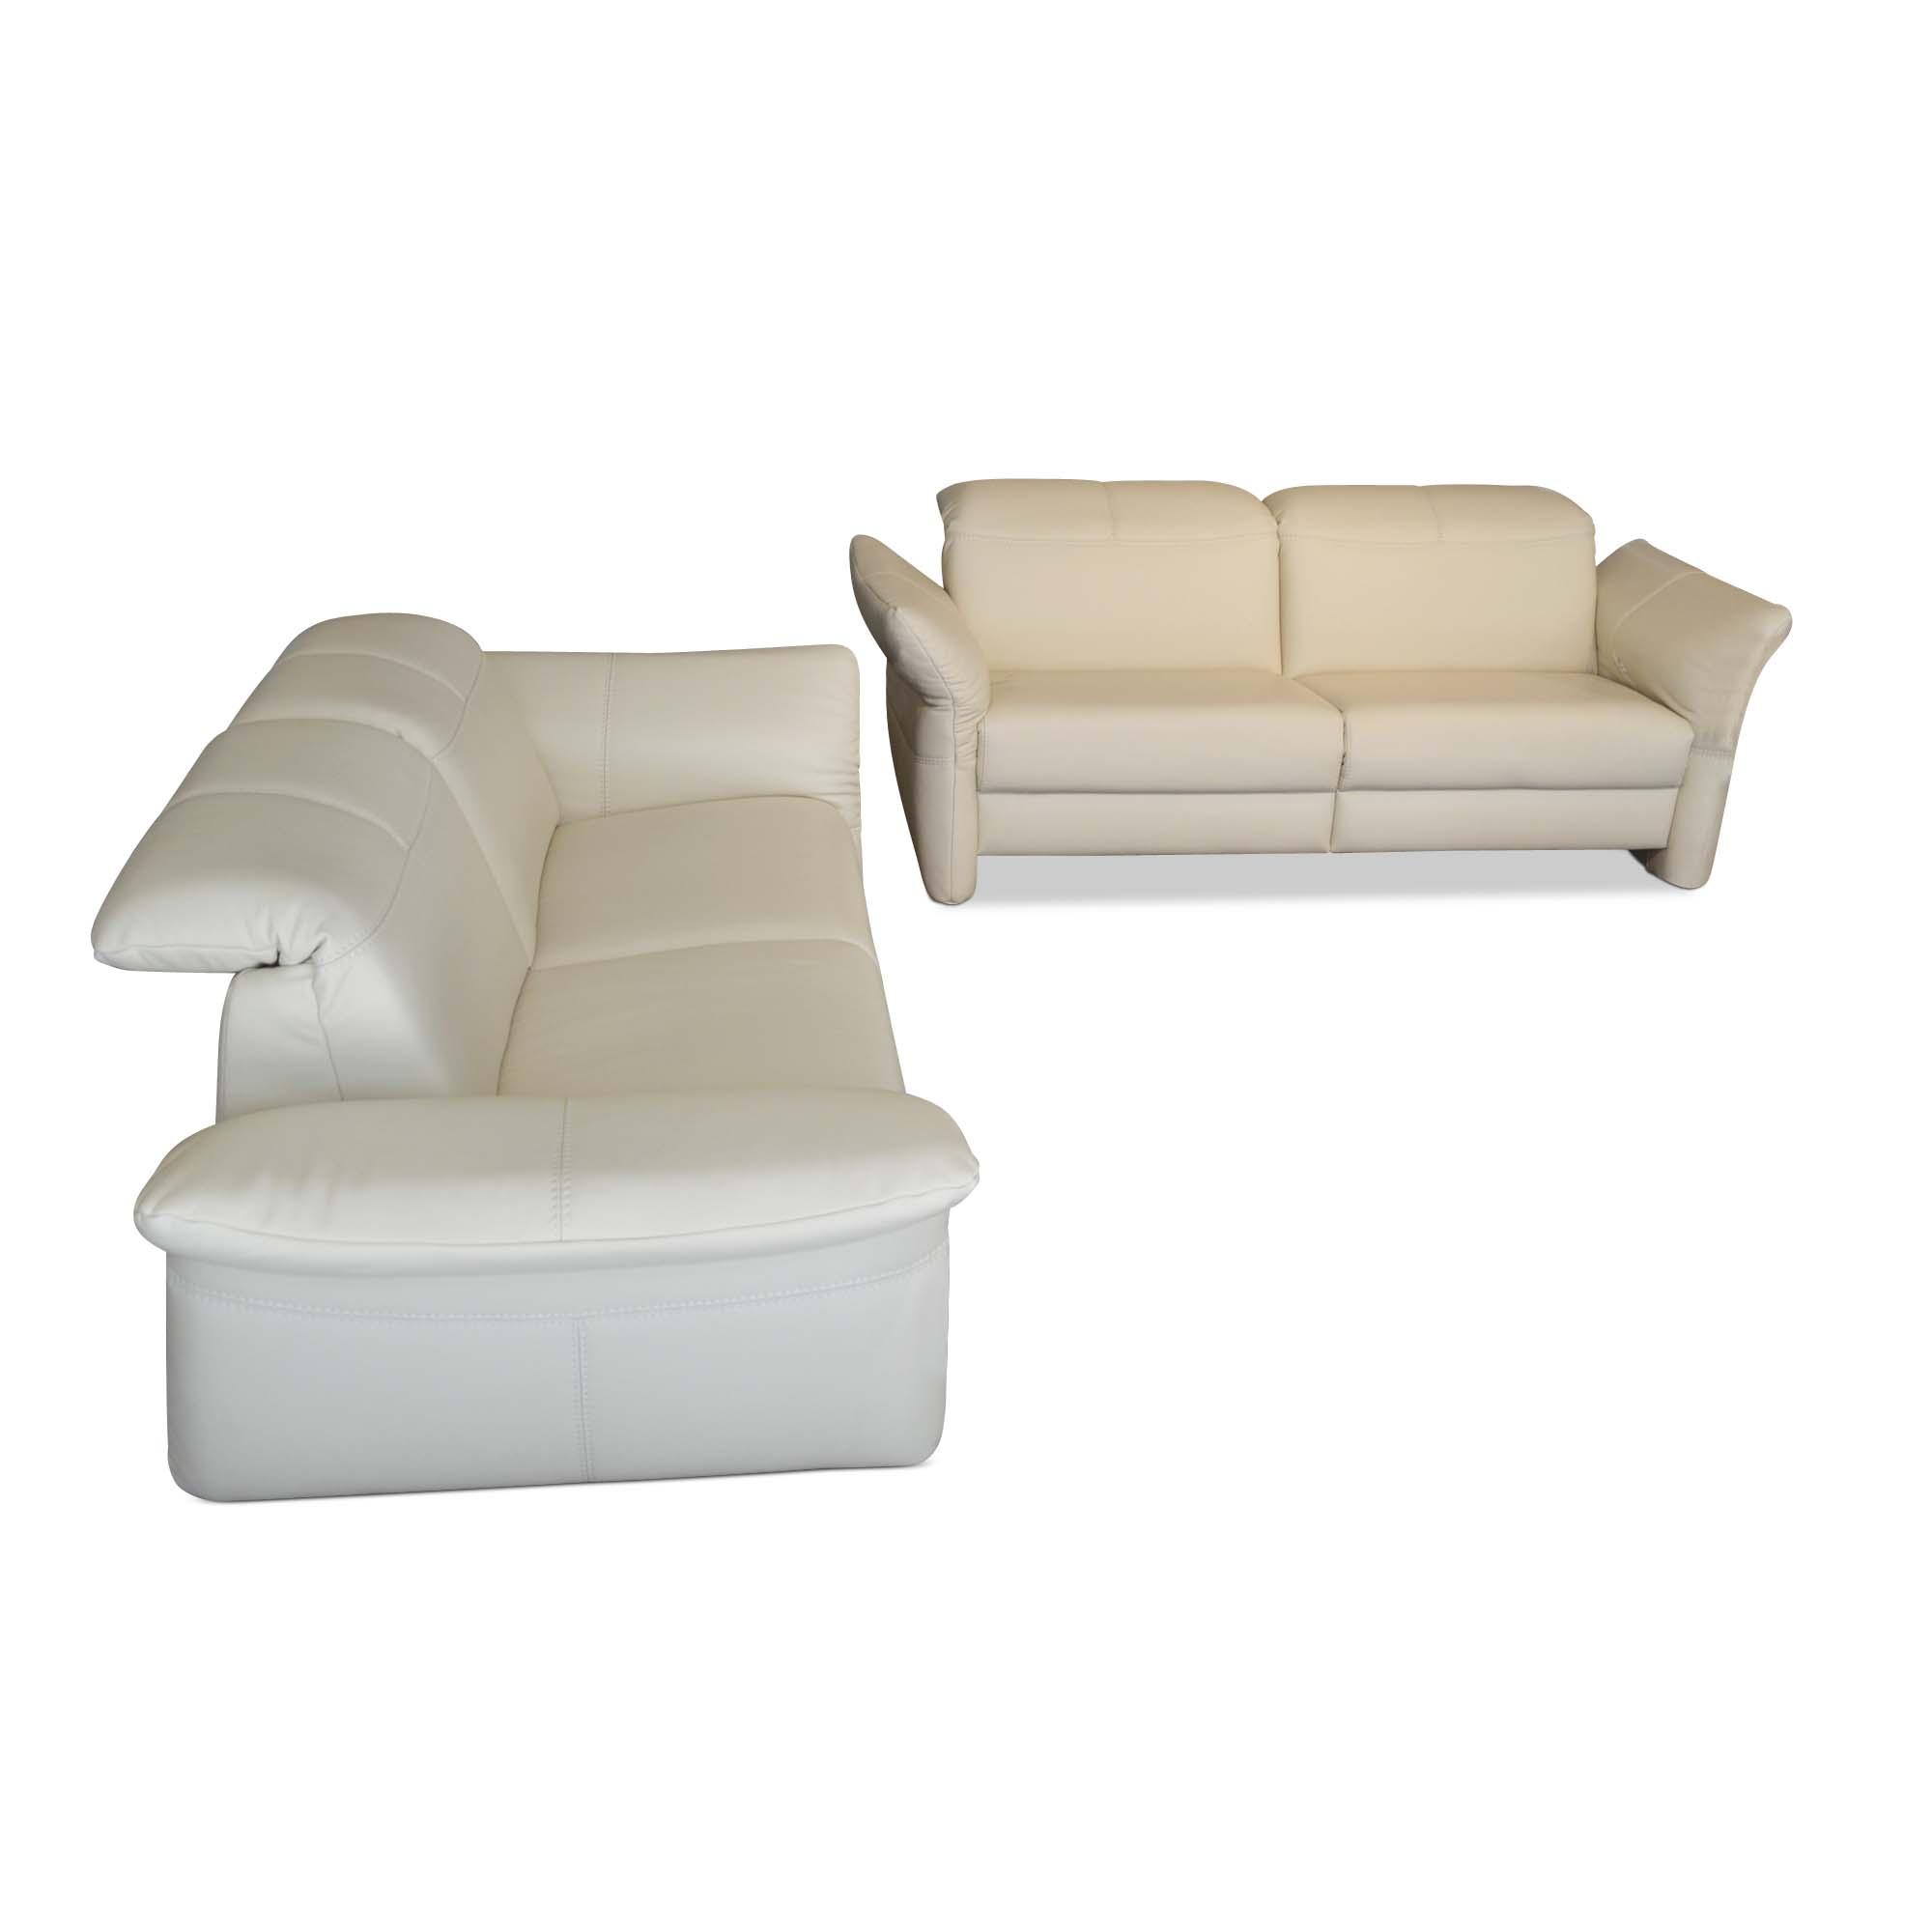 rom designer sofa capri 2er set leder holz beige wei schwarz kunststoff 4260552929563 ebay. Black Bedroom Furniture Sets. Home Design Ideas